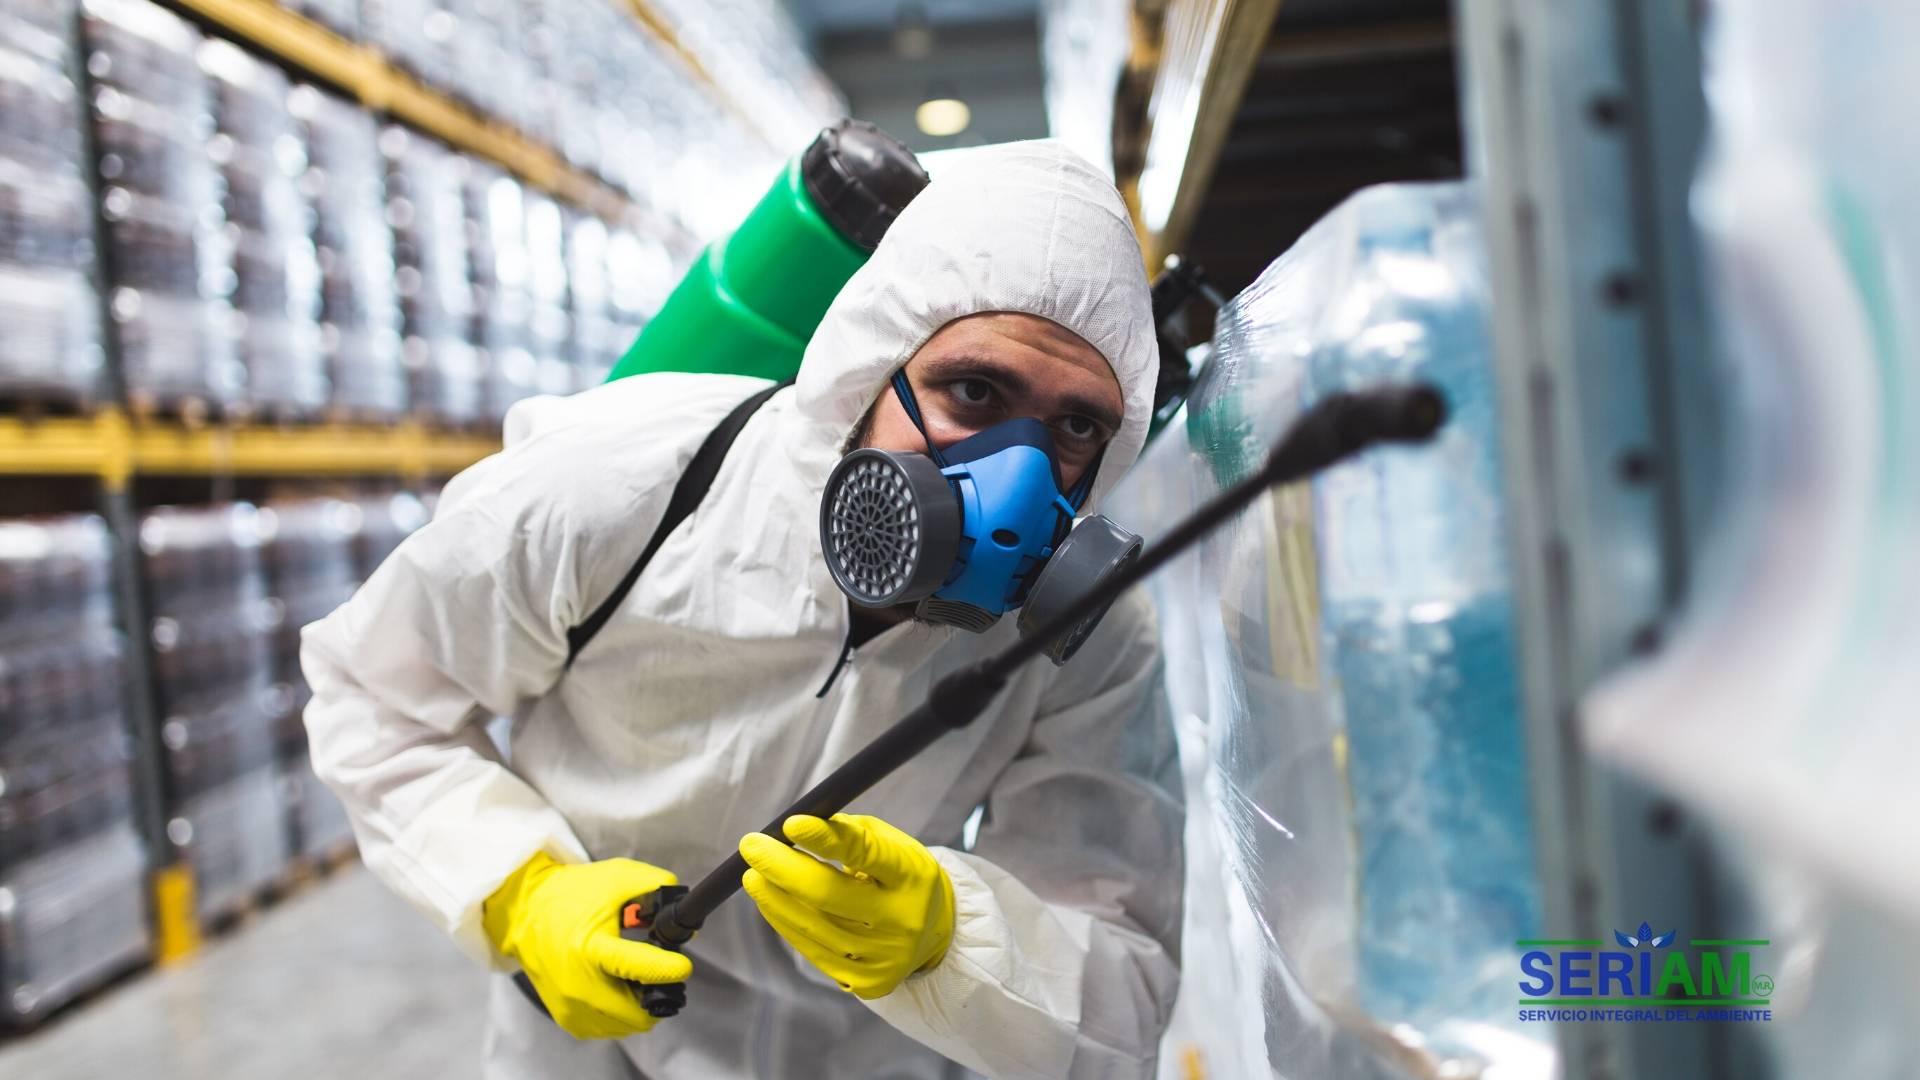 fumigacion-y-desinfeccion - fumigacion biologica